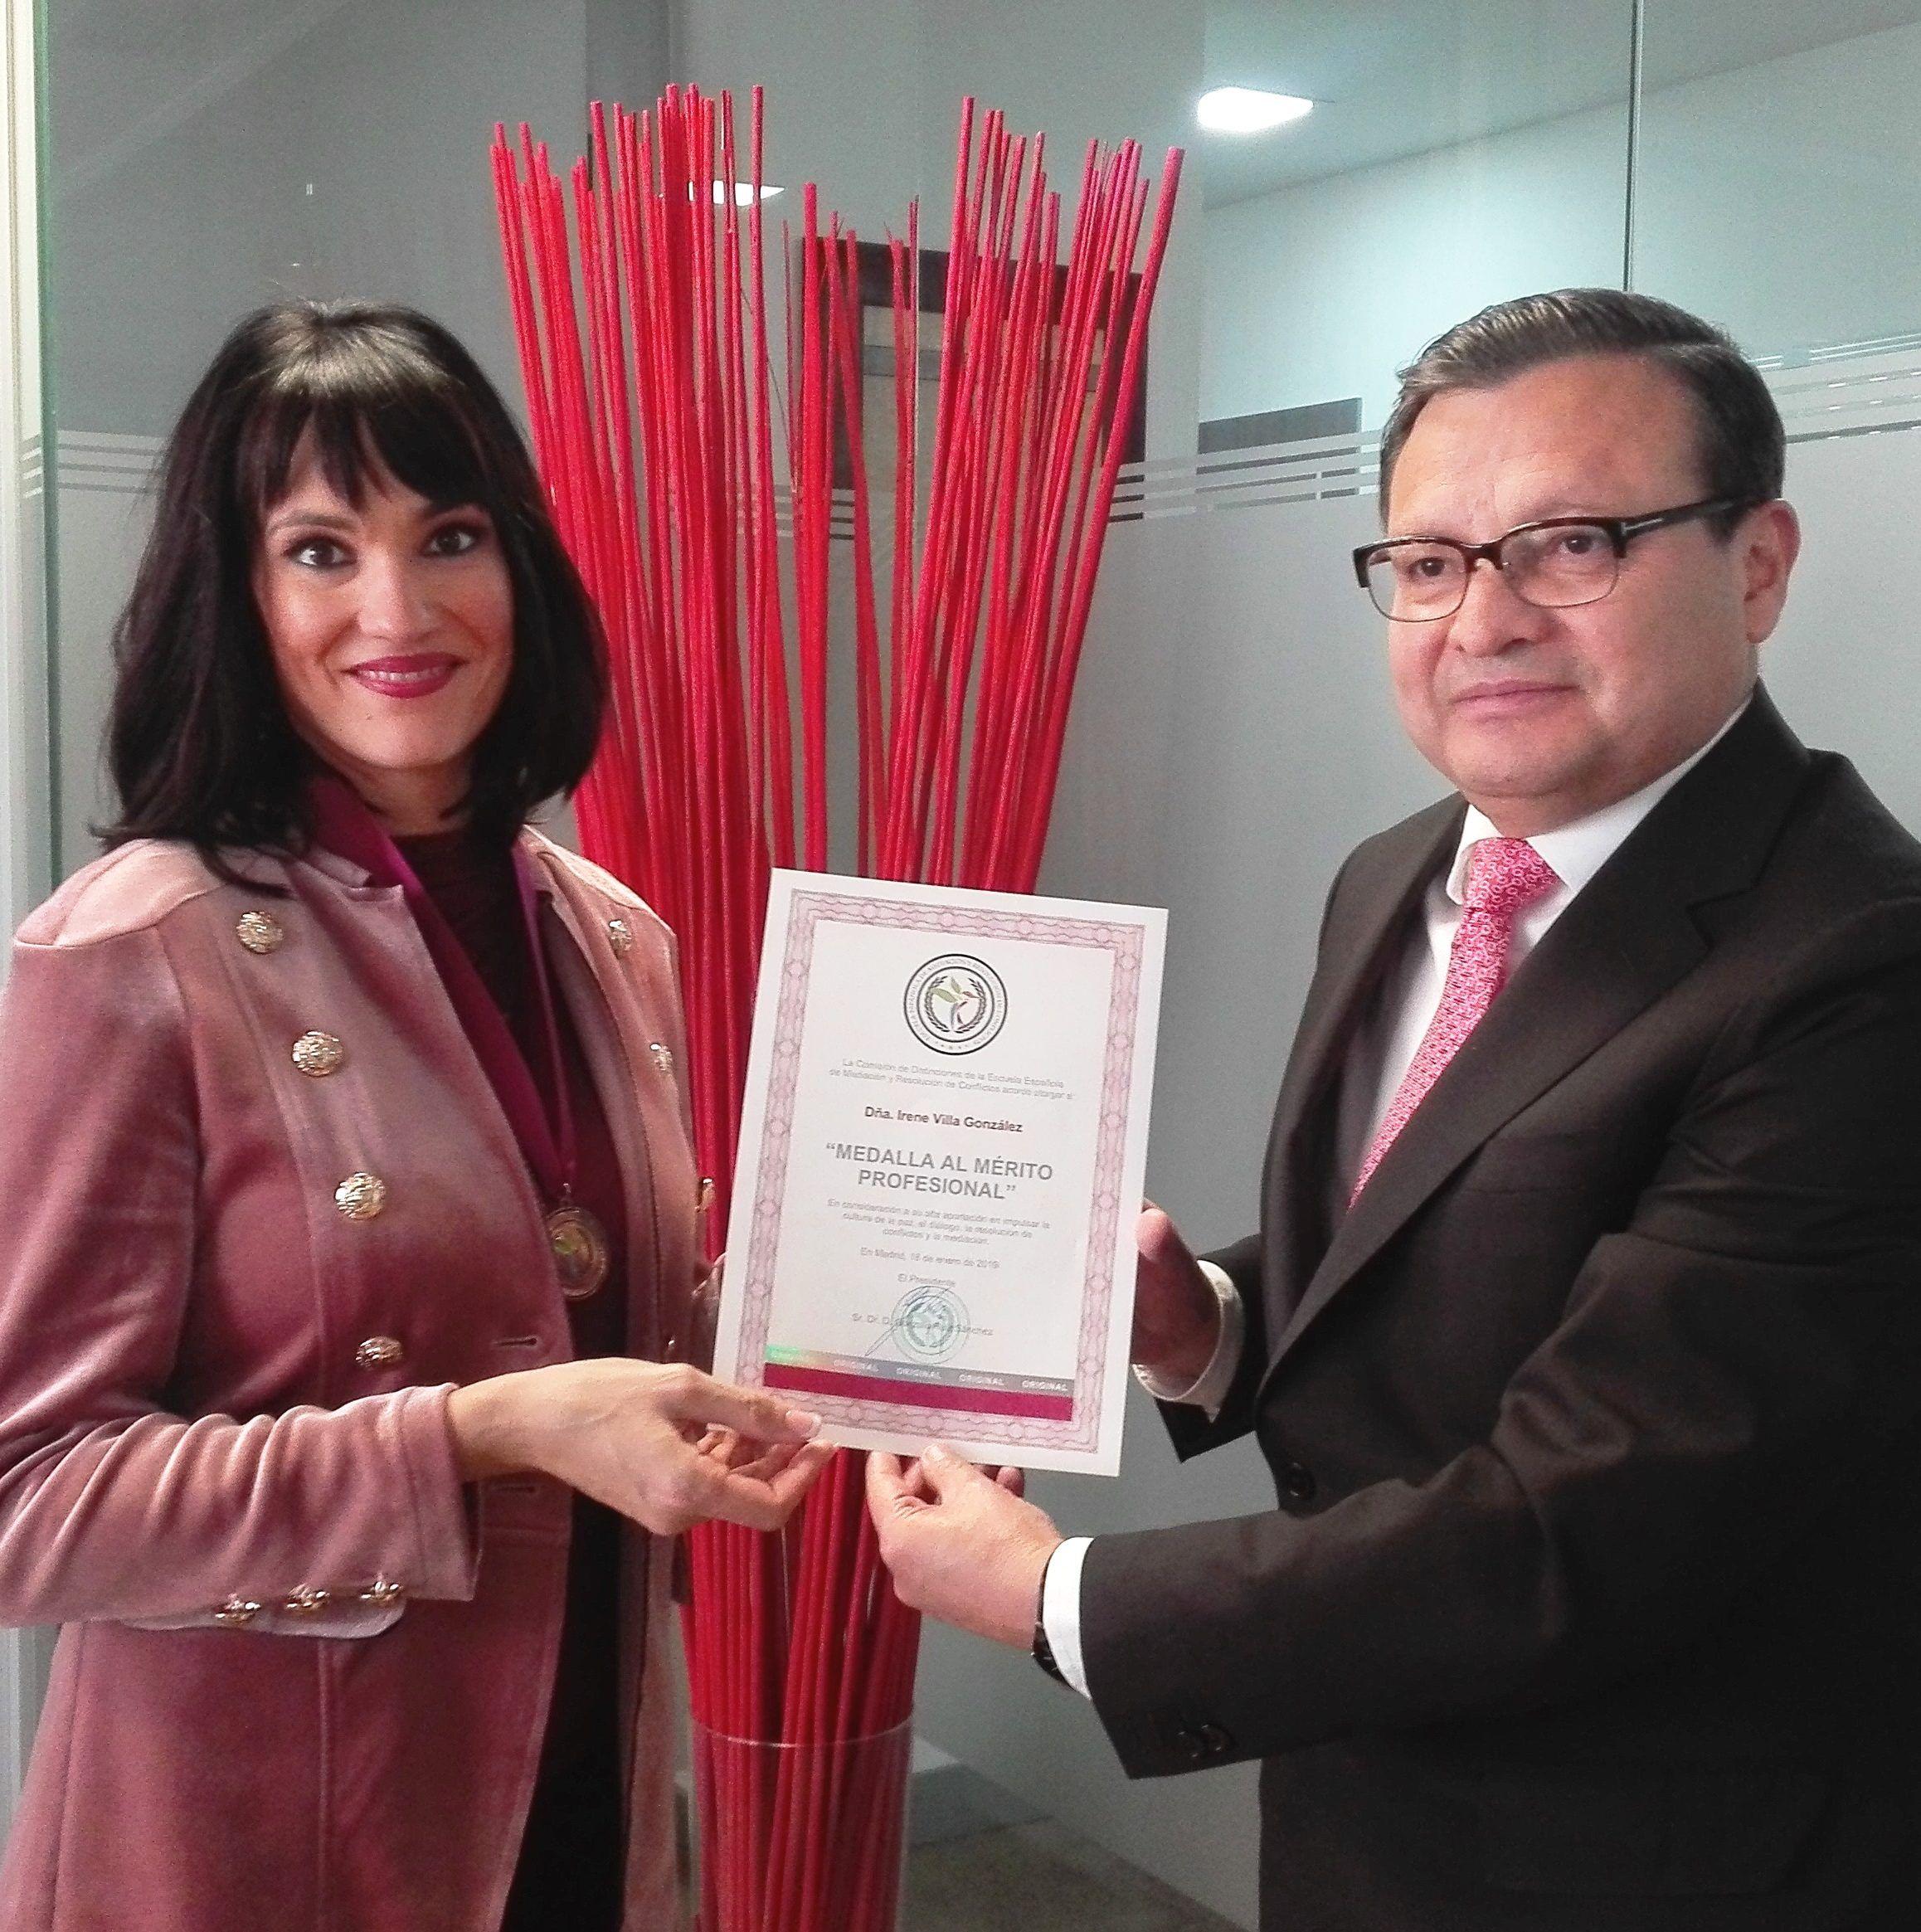 Diario de Mediación premia a Irene Villa